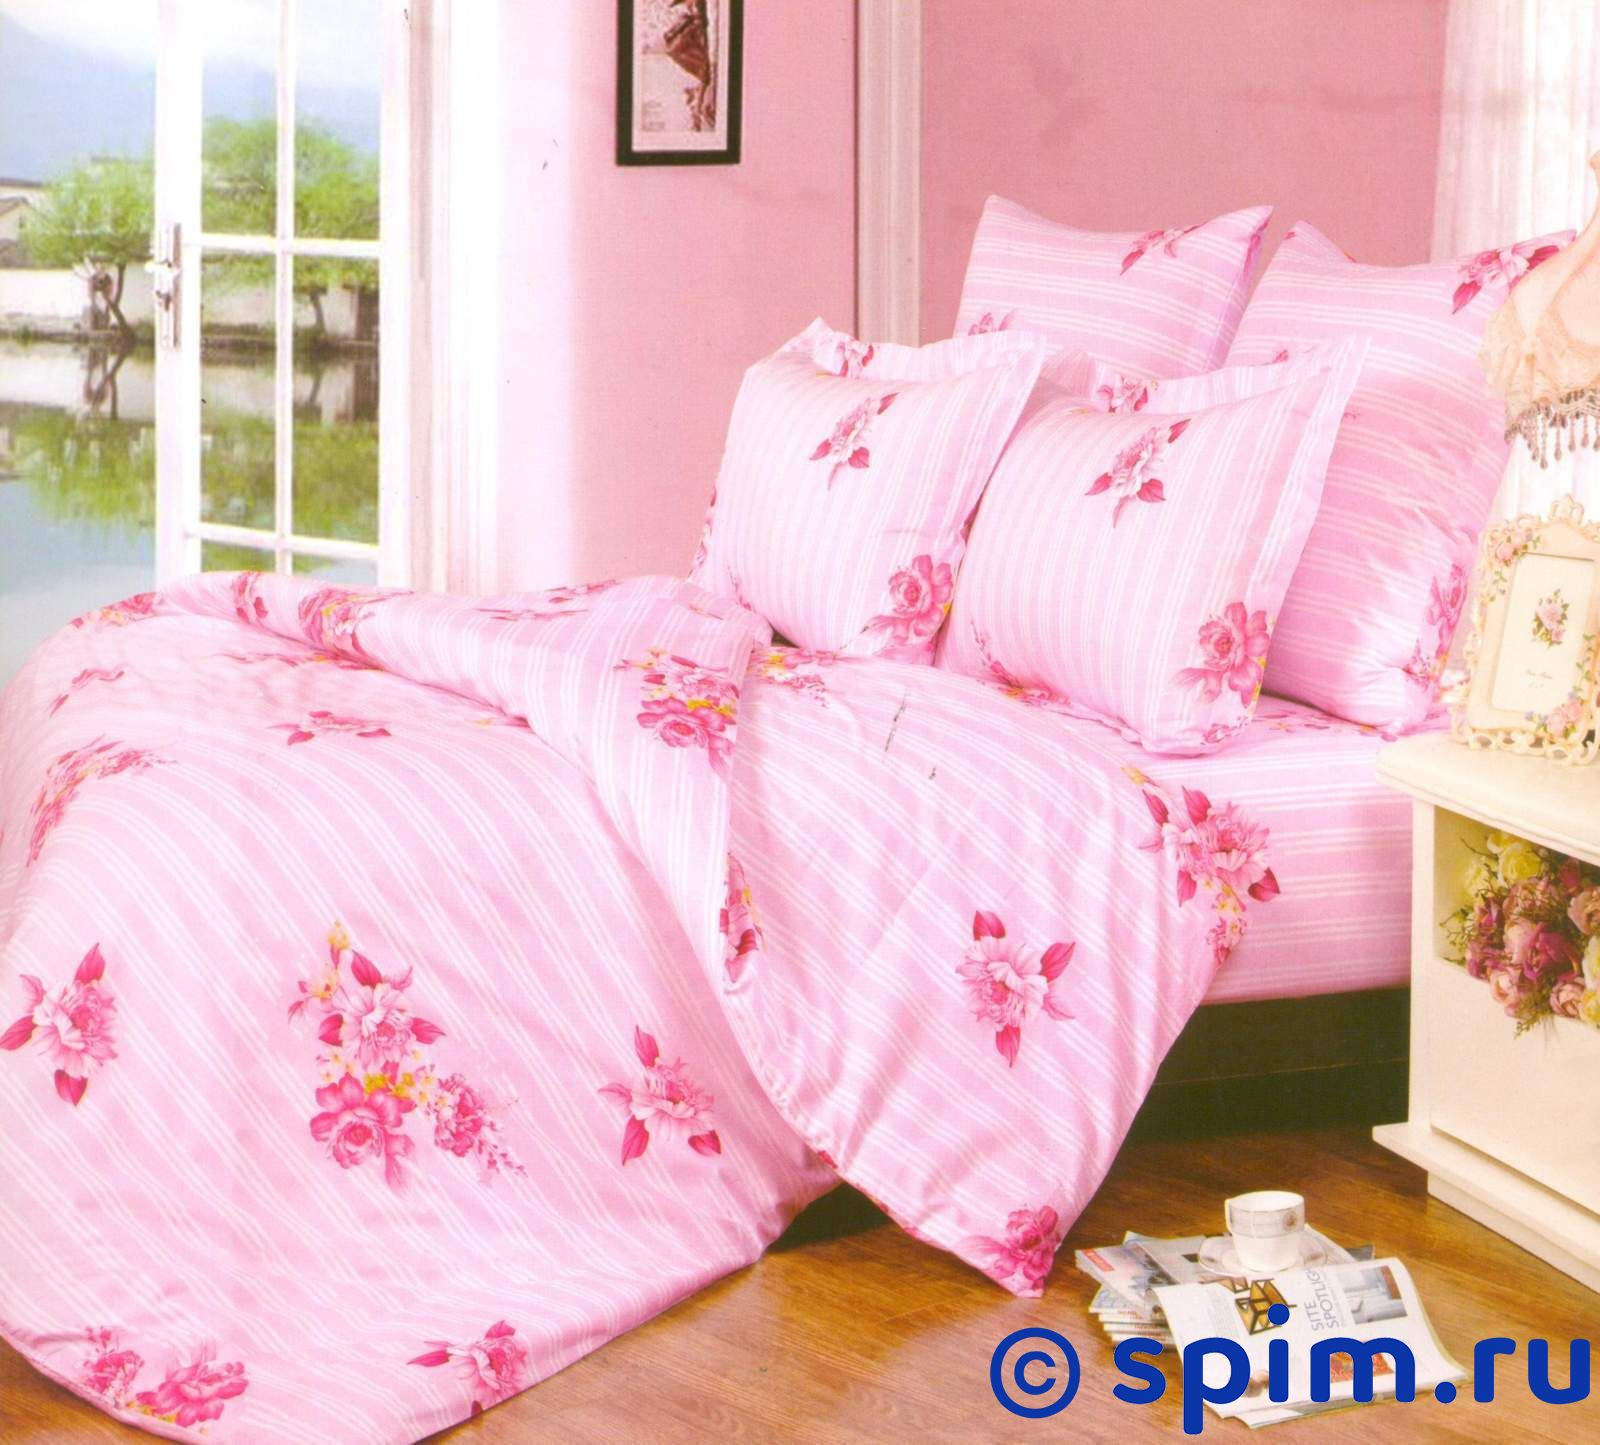 Комплект СайлиД А134 1.5 спальное